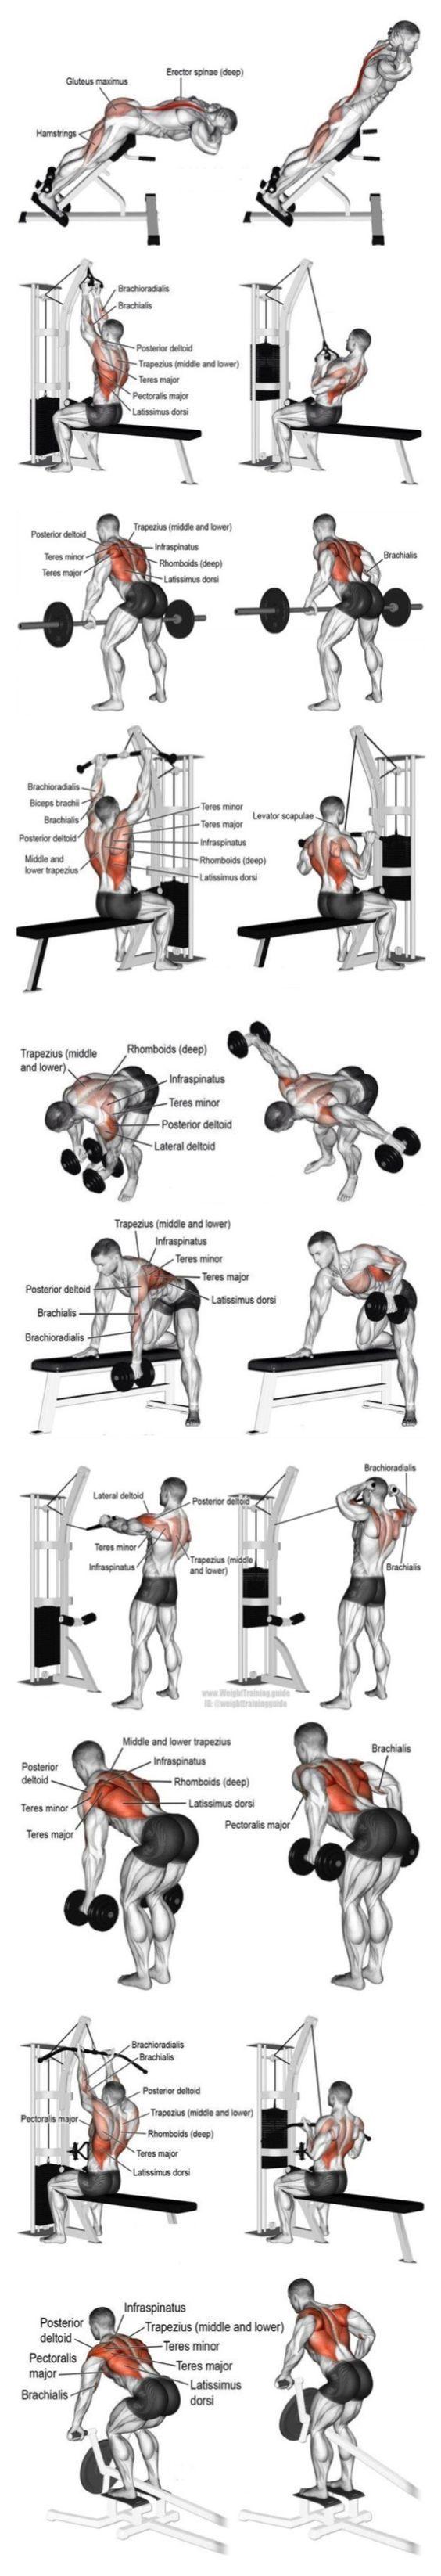 Rutina de espalda en el gimnasio